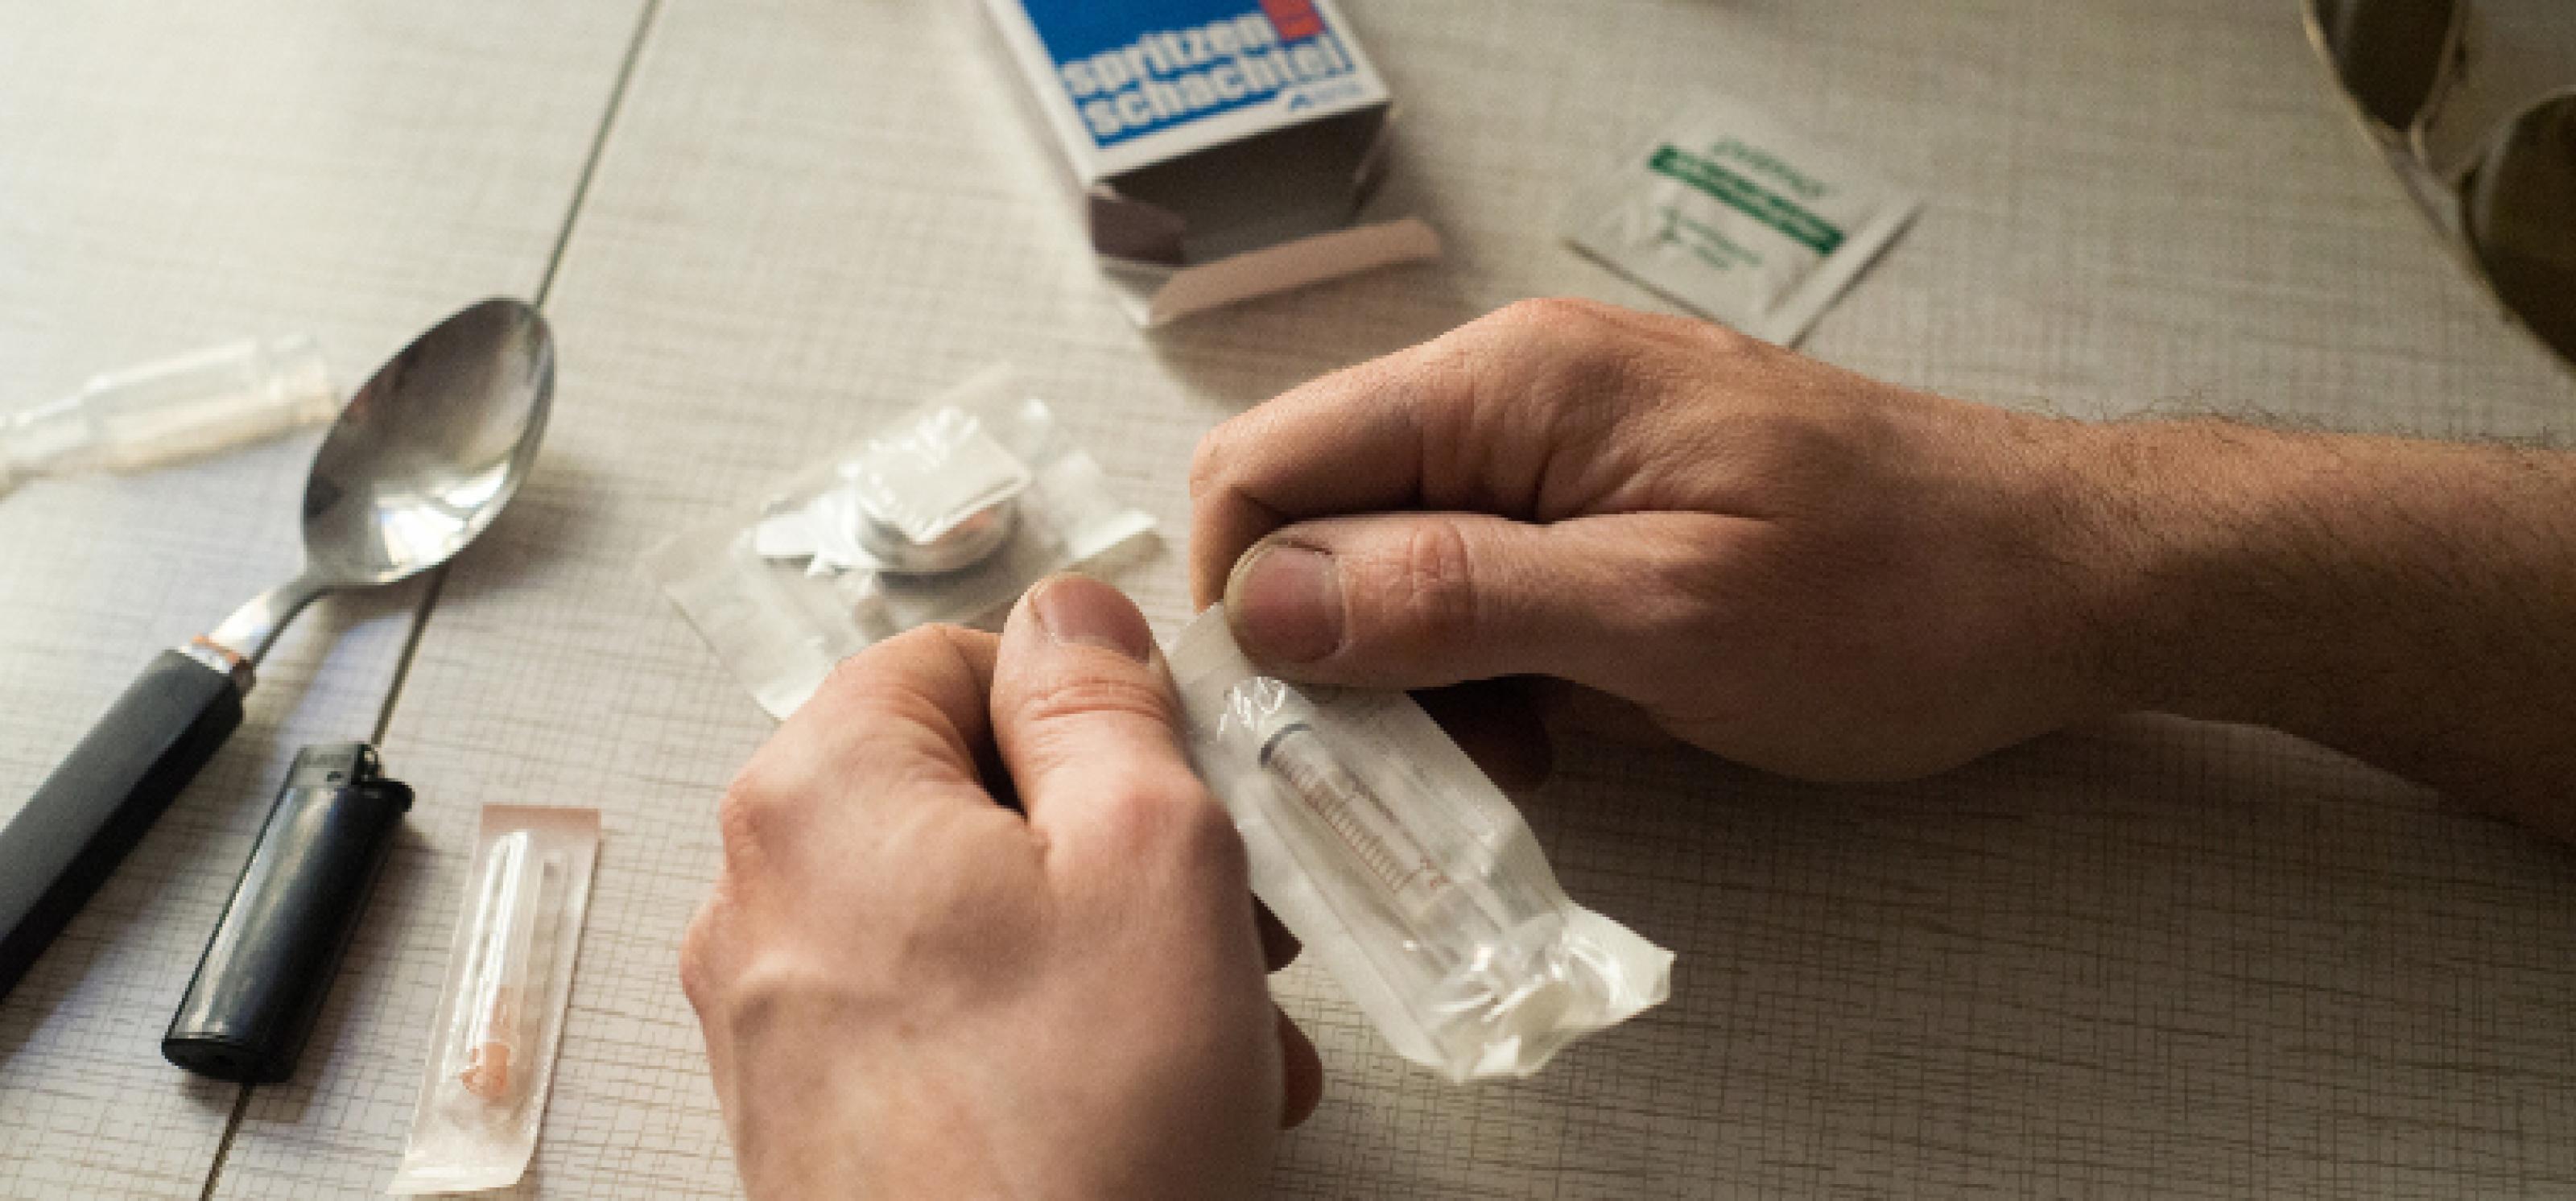 Zwei Hände öffnen die Verpackung einer steril eingepackten Spritze für Safer Use